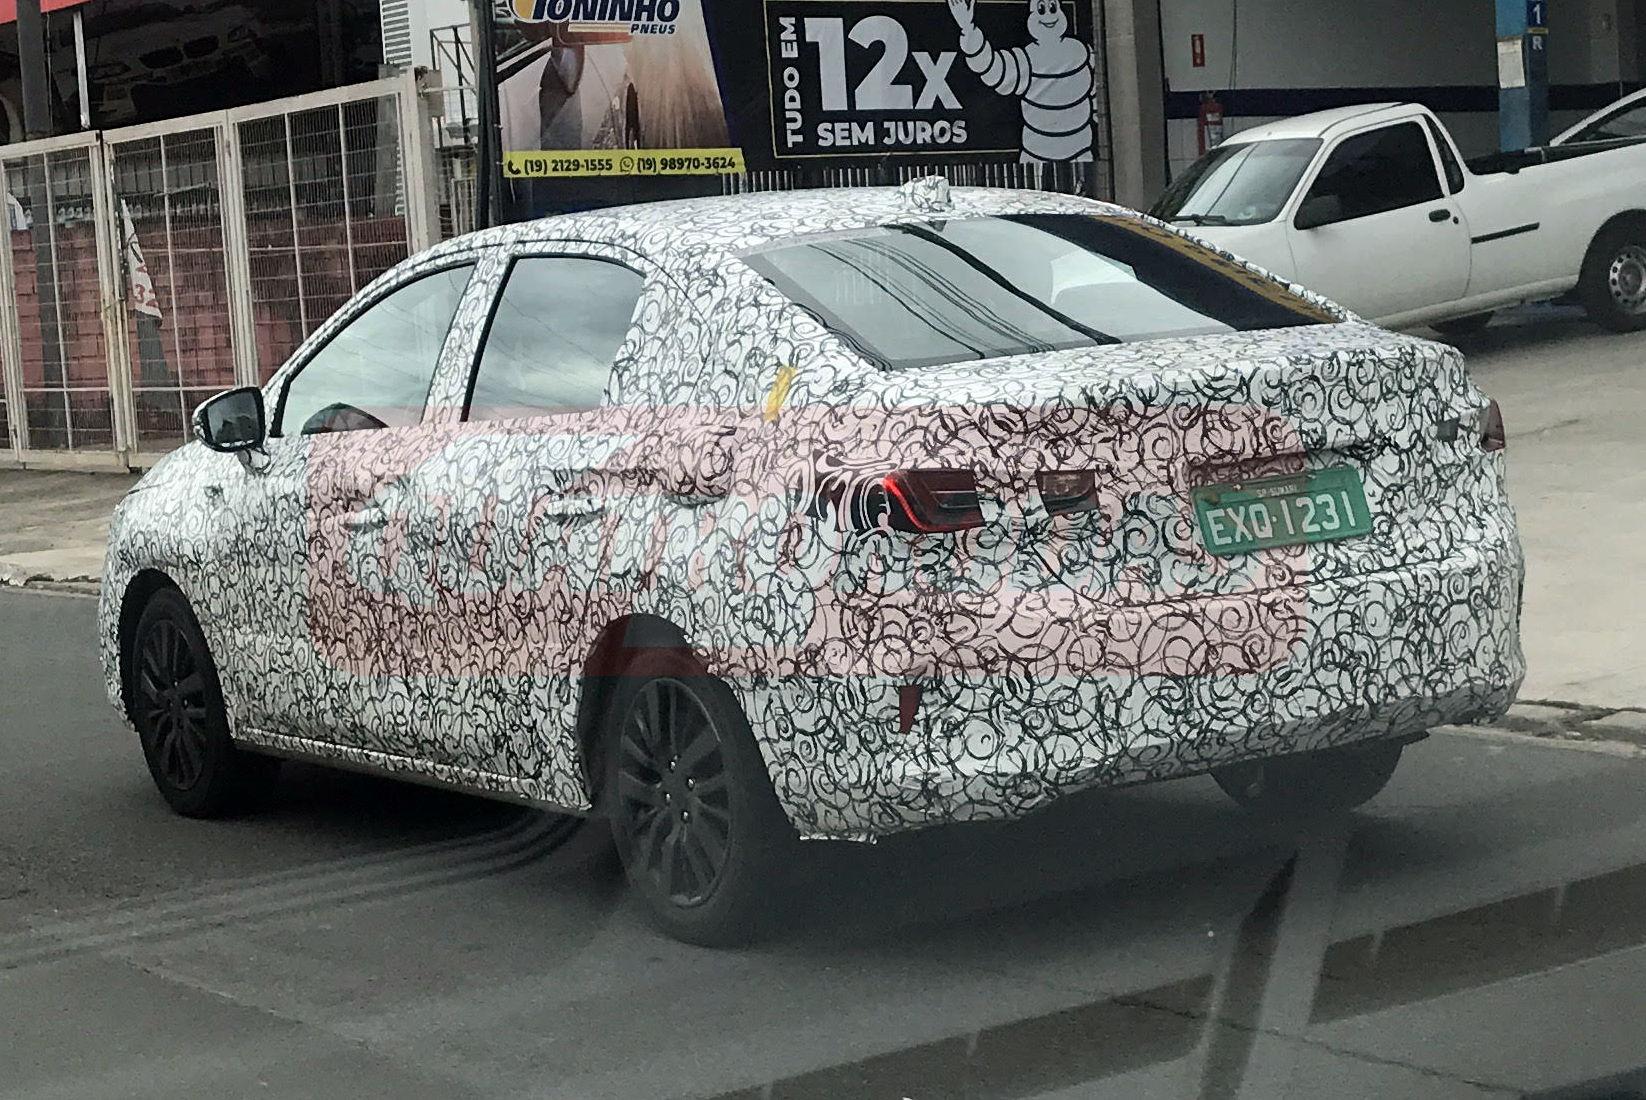 Honda City 2022 de traseira e camuflado